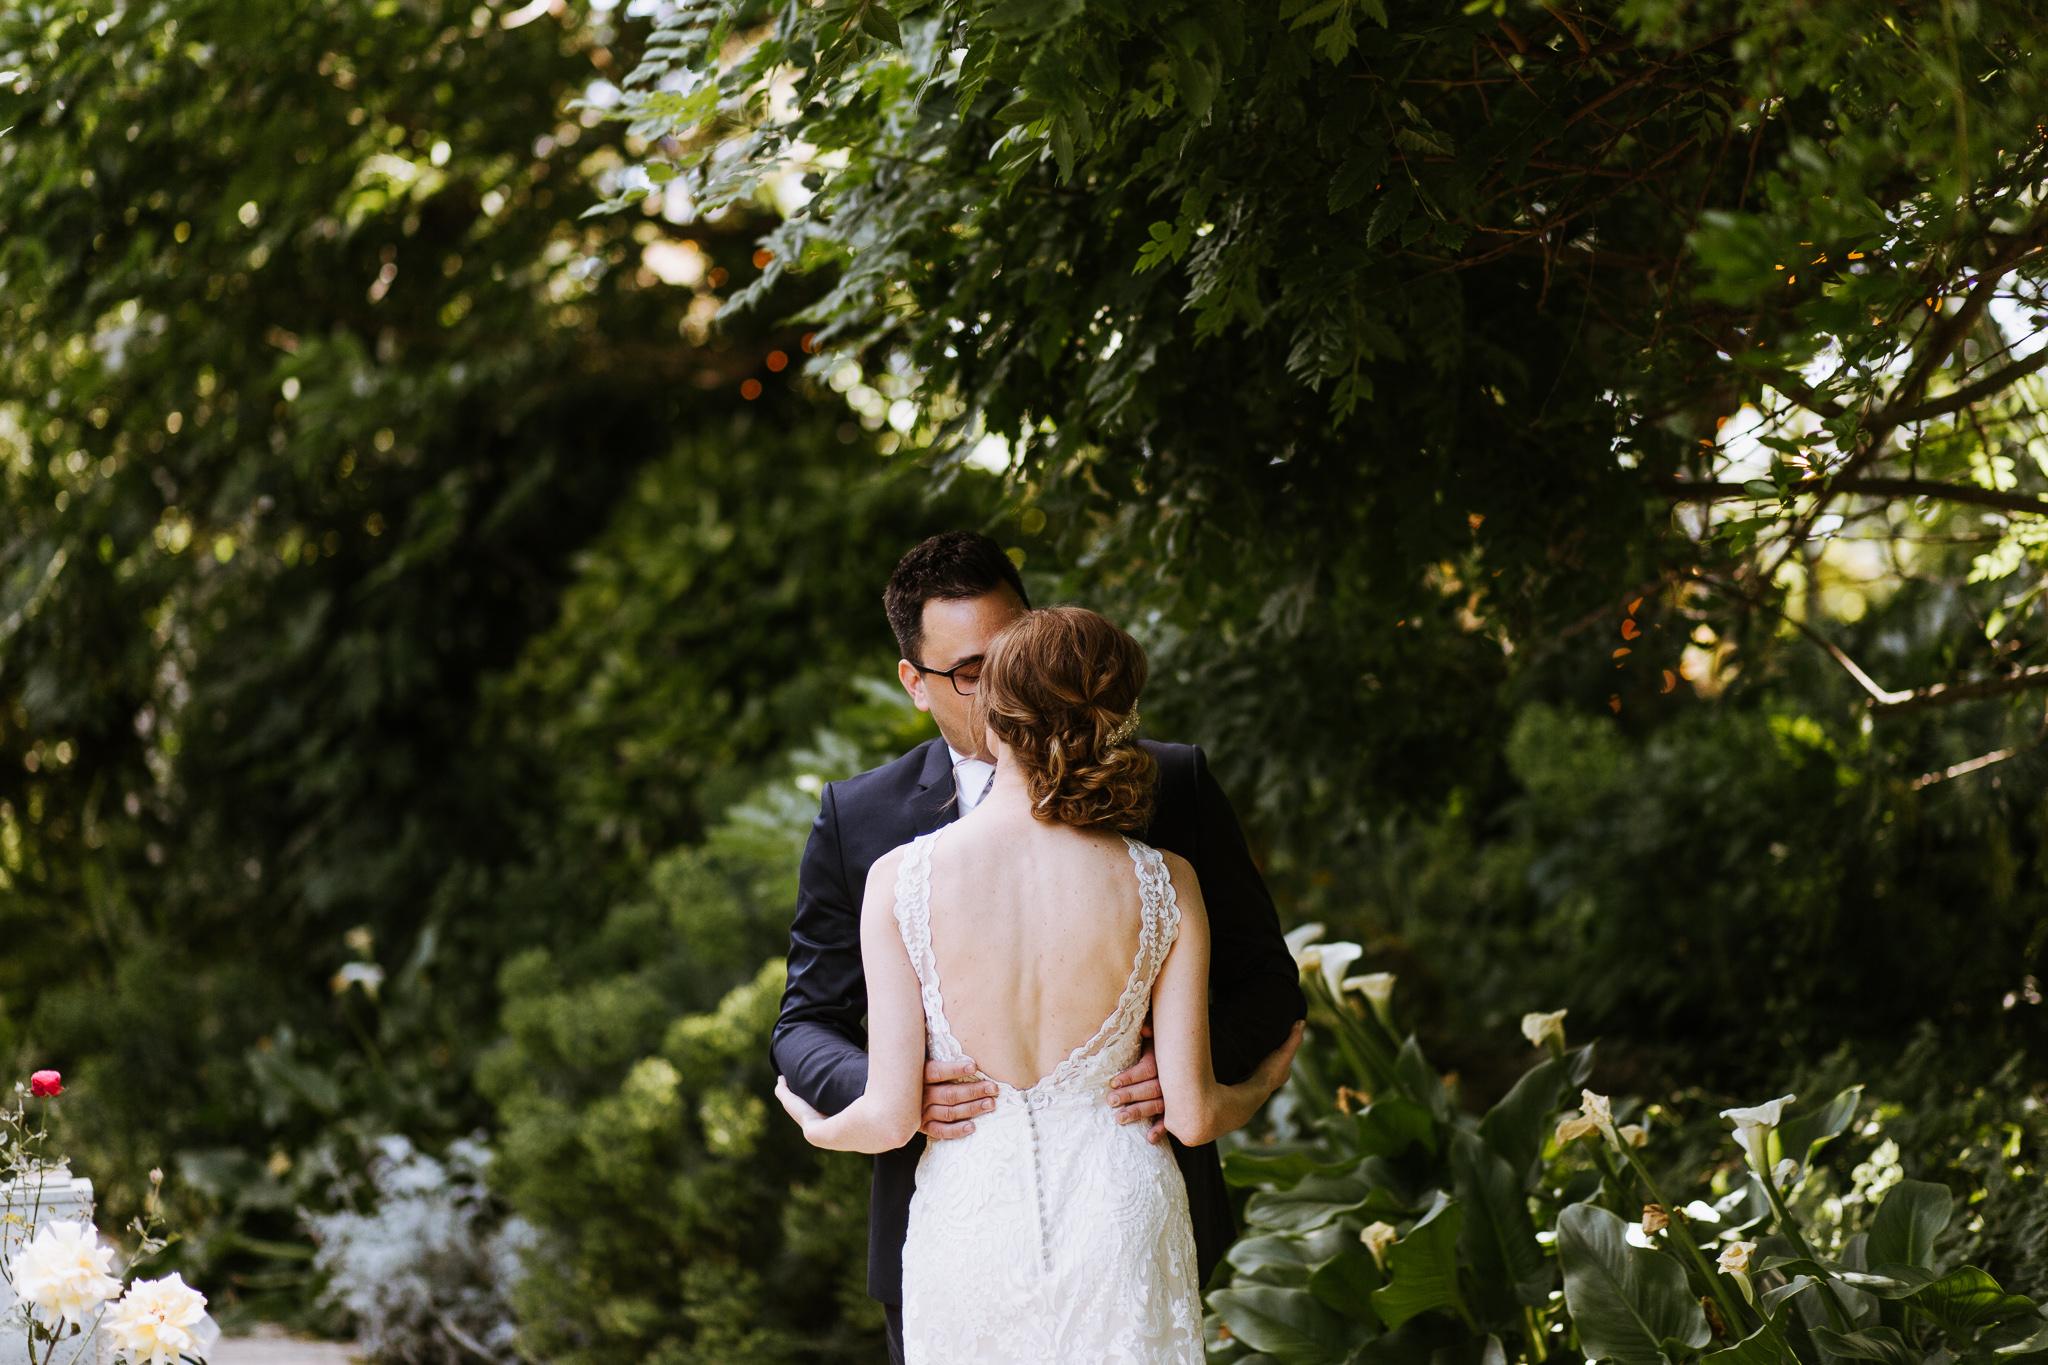 BayArea-Wedding-Photographer-27.jpg